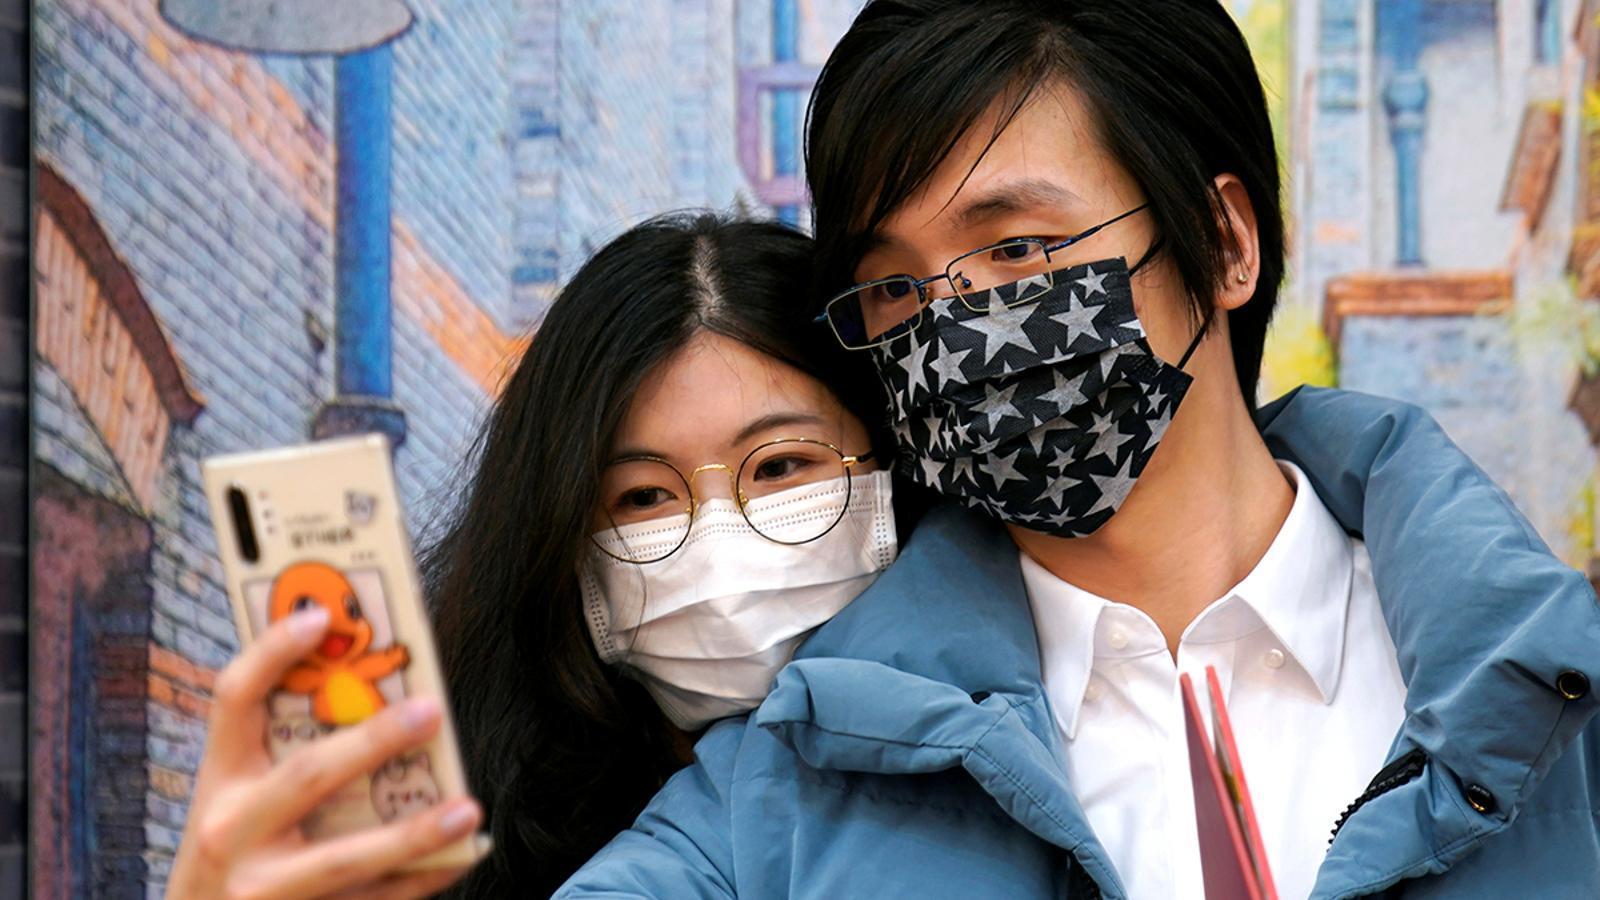 Wang, de 32 anys i la seva dona Shi, de 30 anys, amb màscares en una oficina de registre matrimonial el dia de Sant Valentí a Xangai